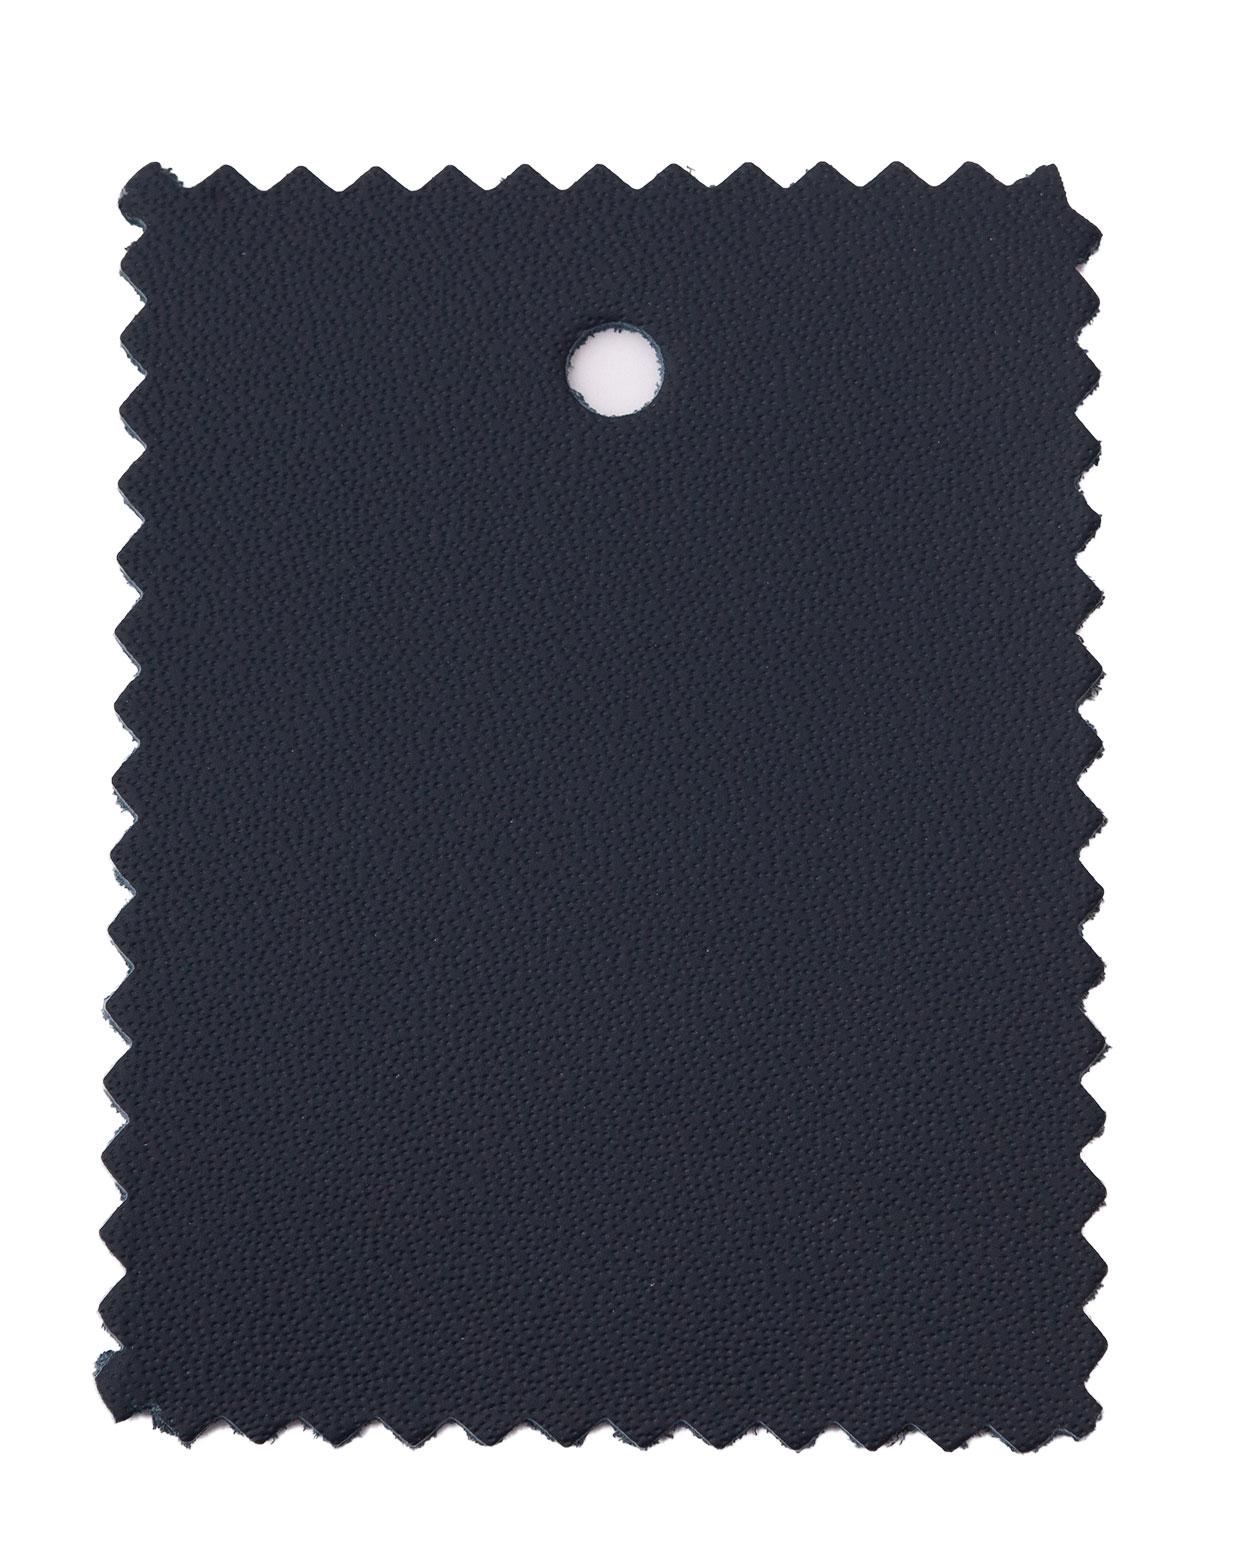 Abbildung porsche-nappa-nachtblau-exclusiv